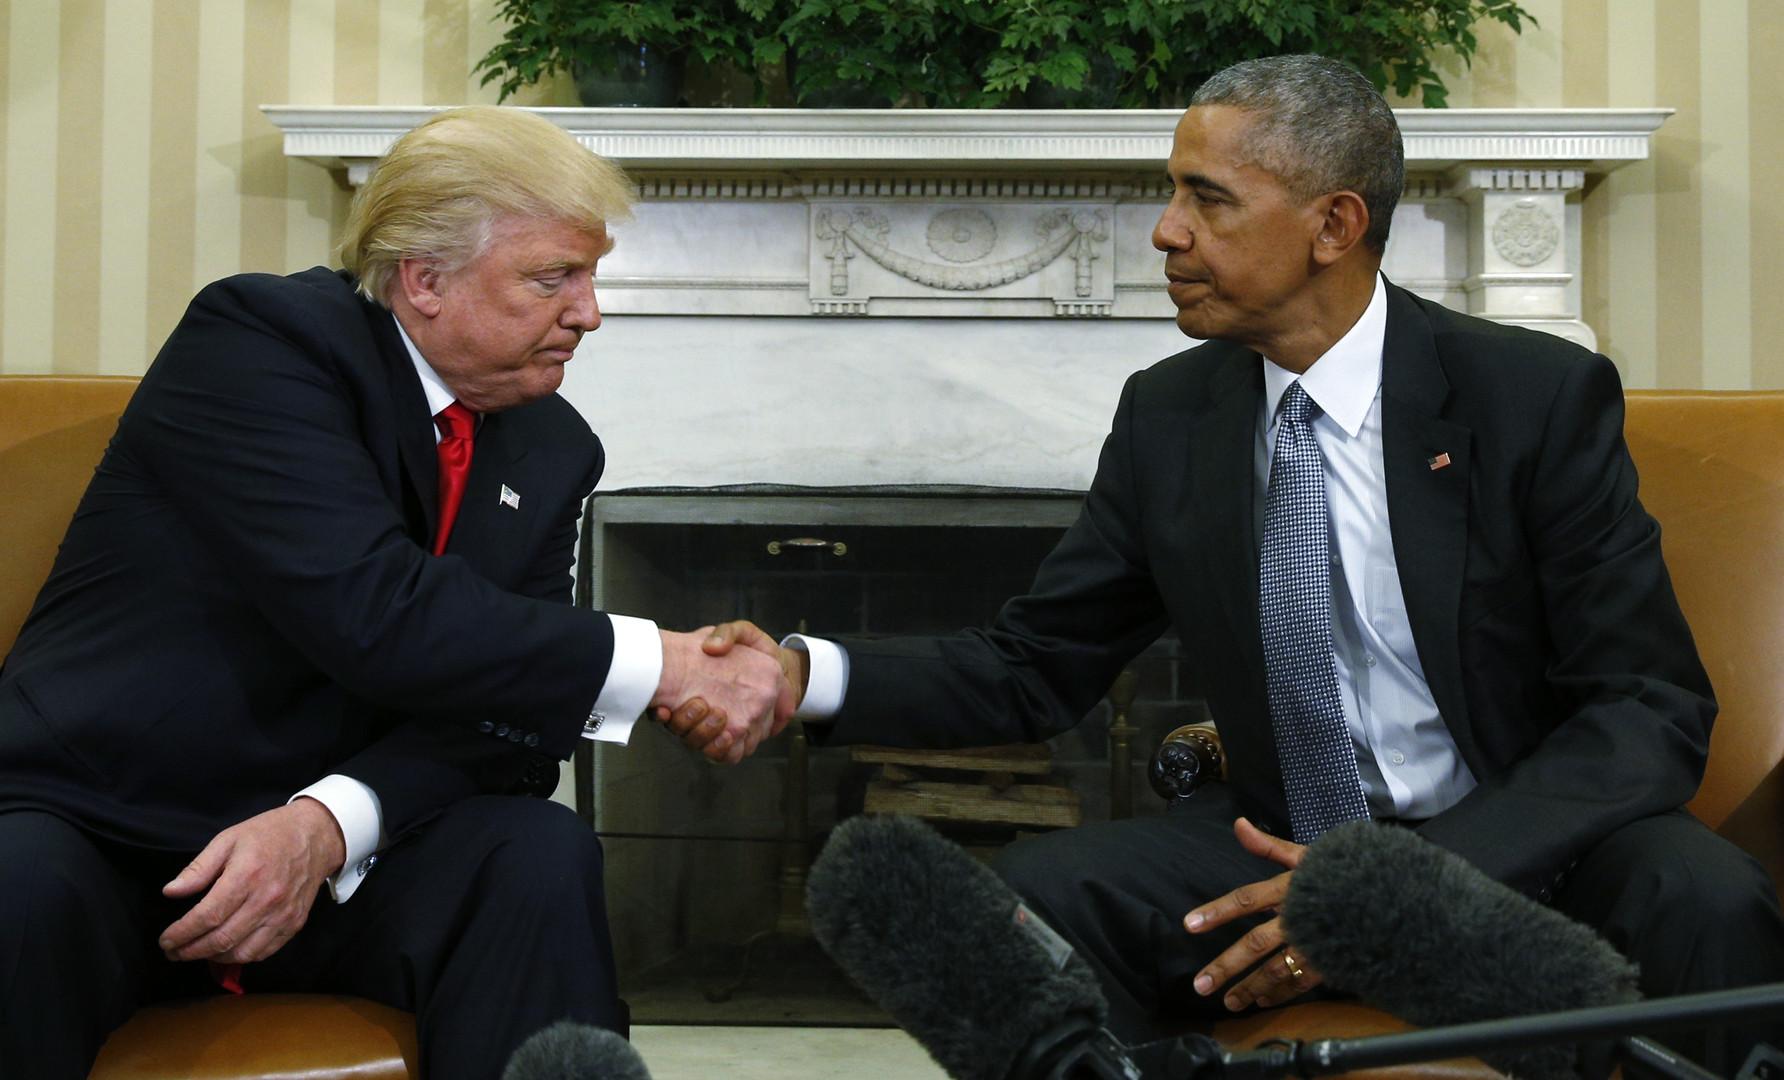 «Очень хороший человек»: в Белом доме прошла встреча Трампа и Обамы